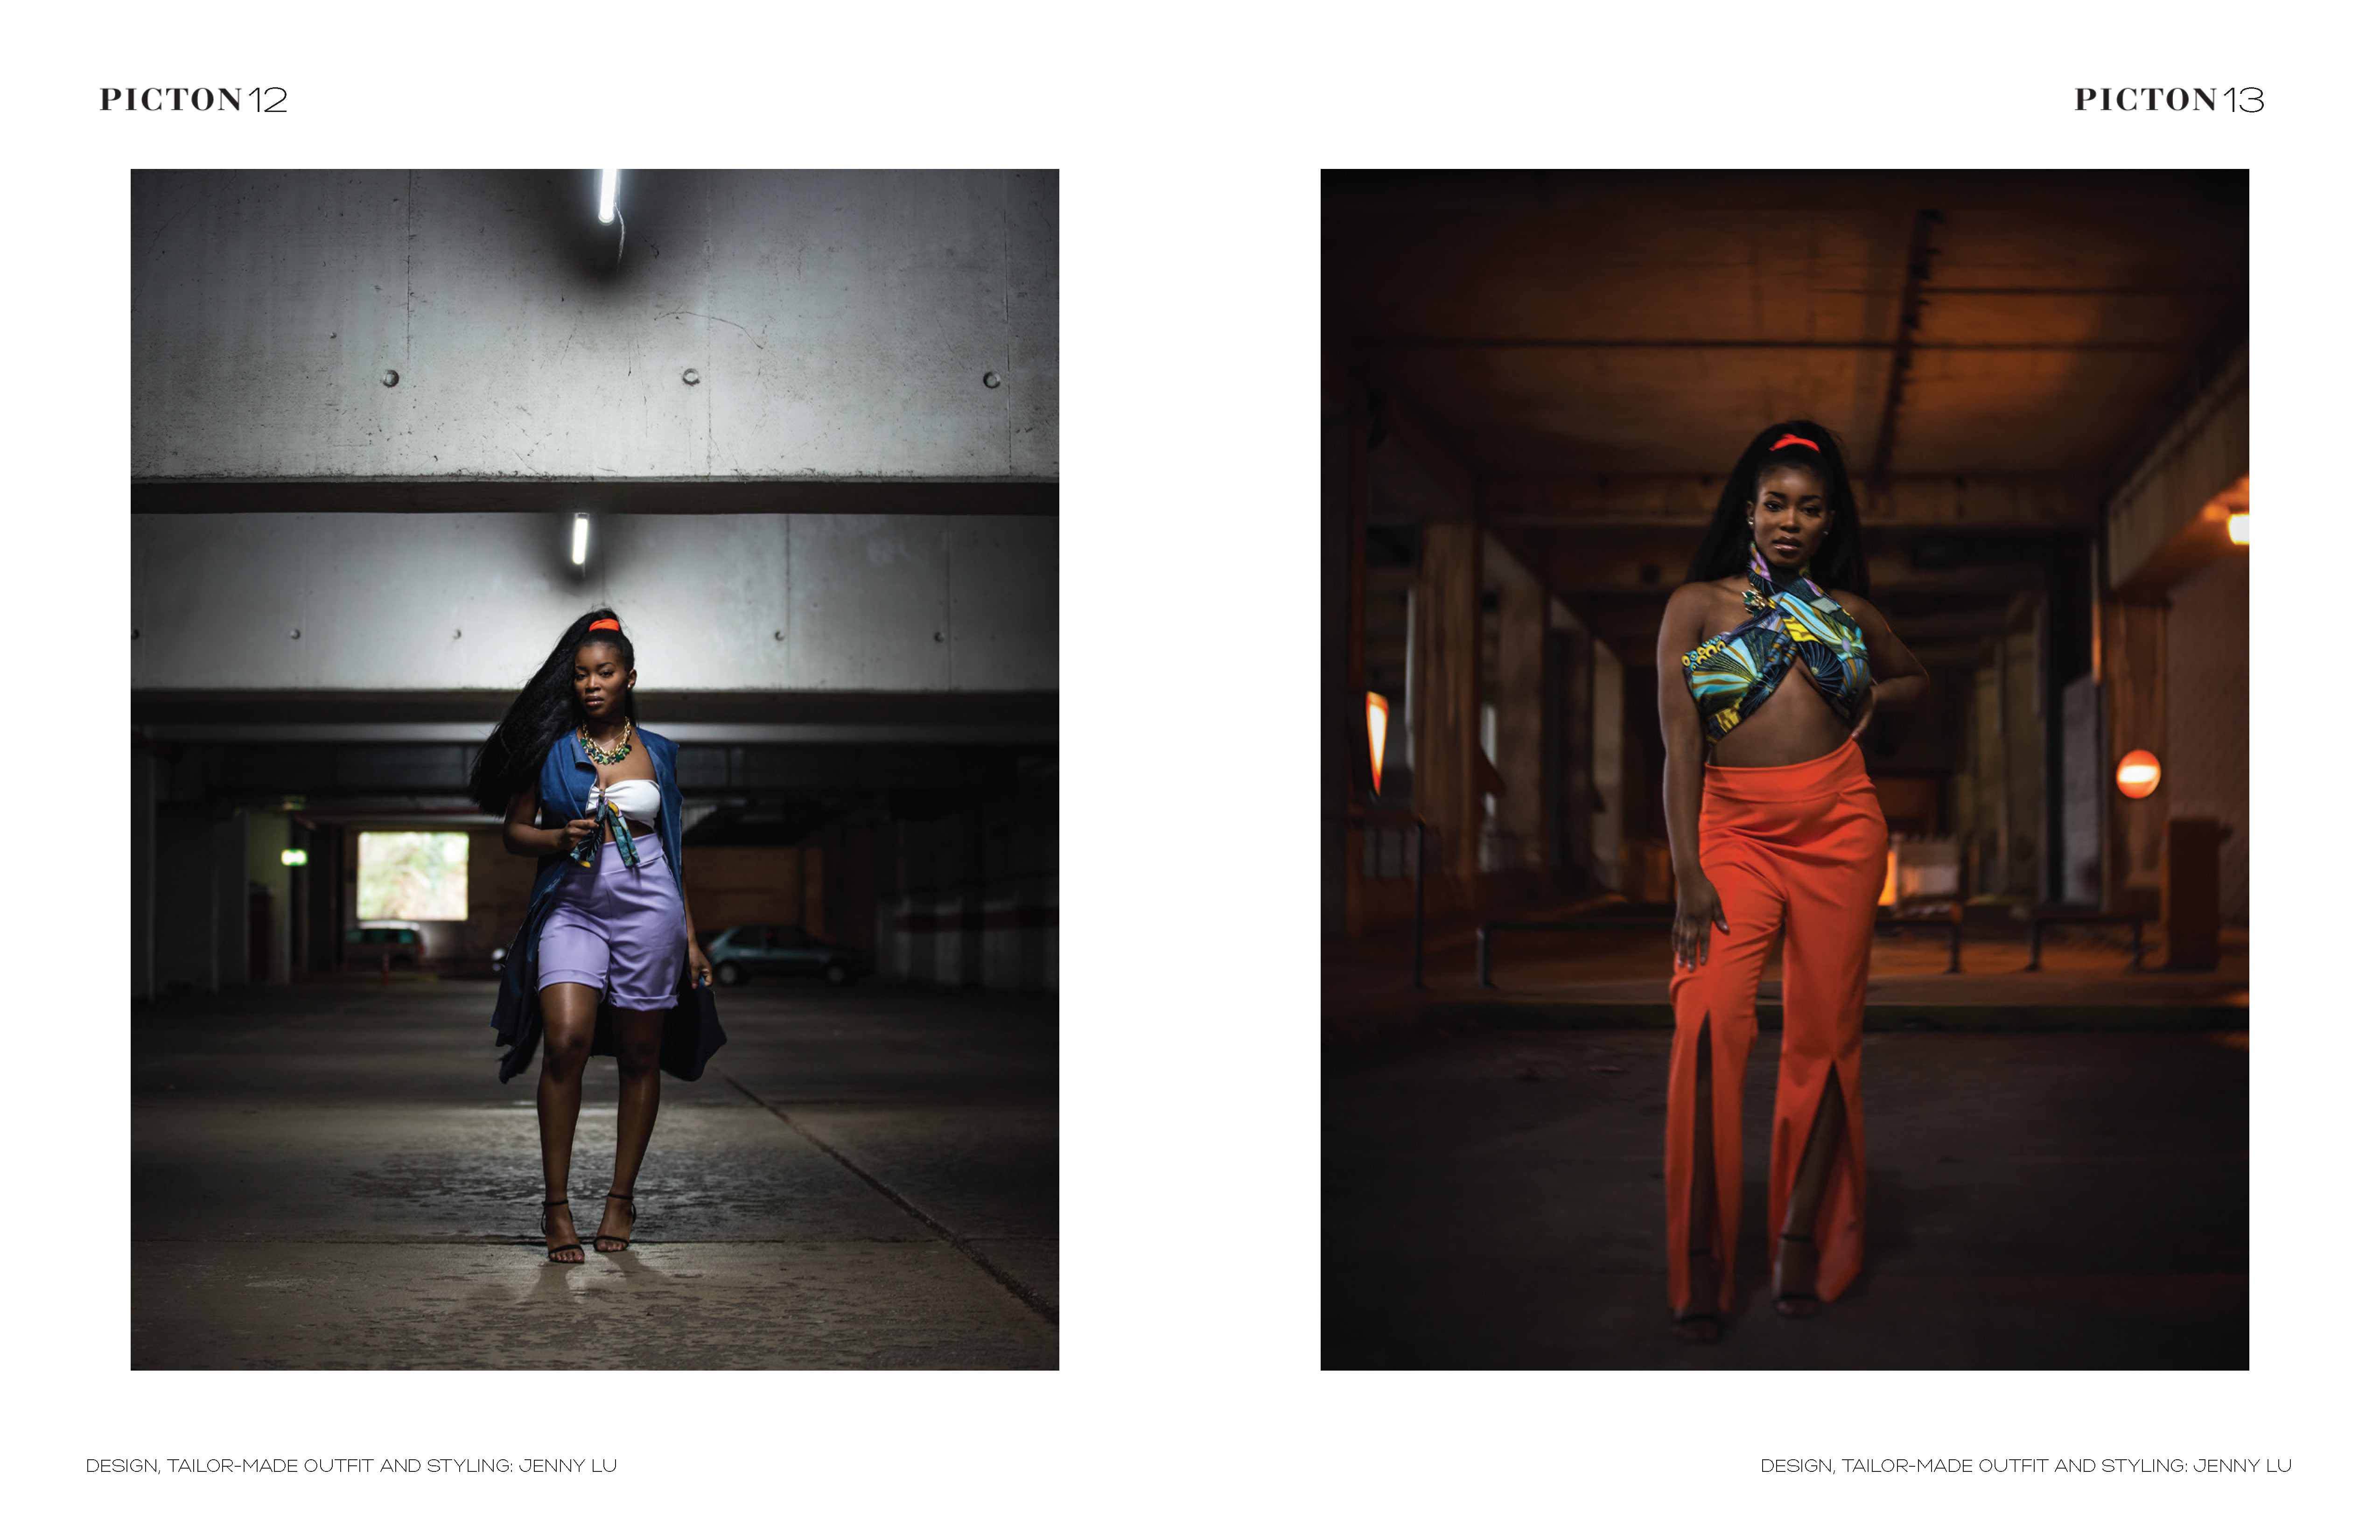 Veröffentlicht im Picton Magazine - Black 05/2019, Model: Dulci Mbuyi